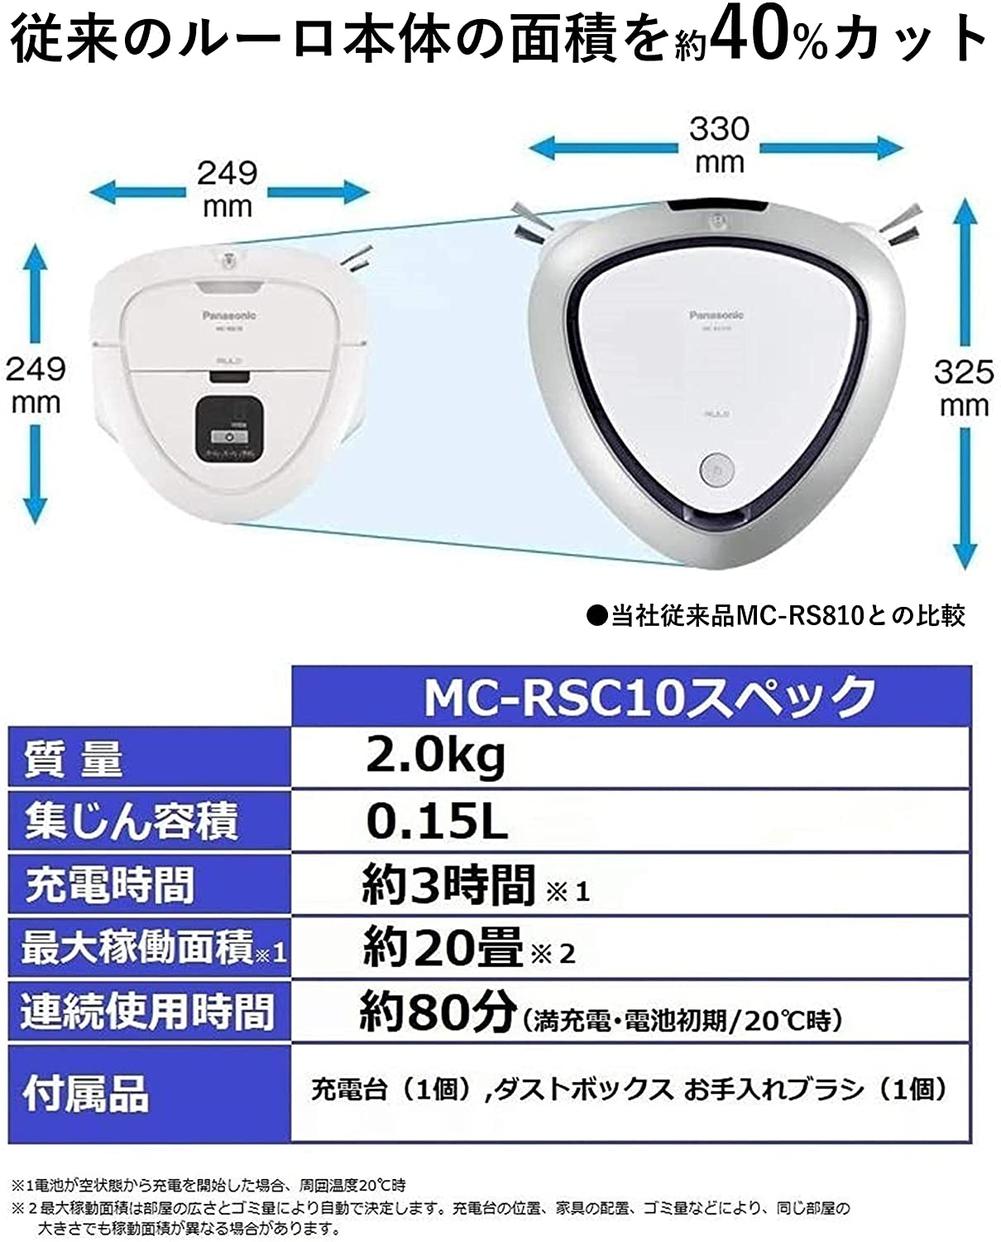 Panasonic(パナソニック) ルーロ ミニ MC-RSC10の商品画像5